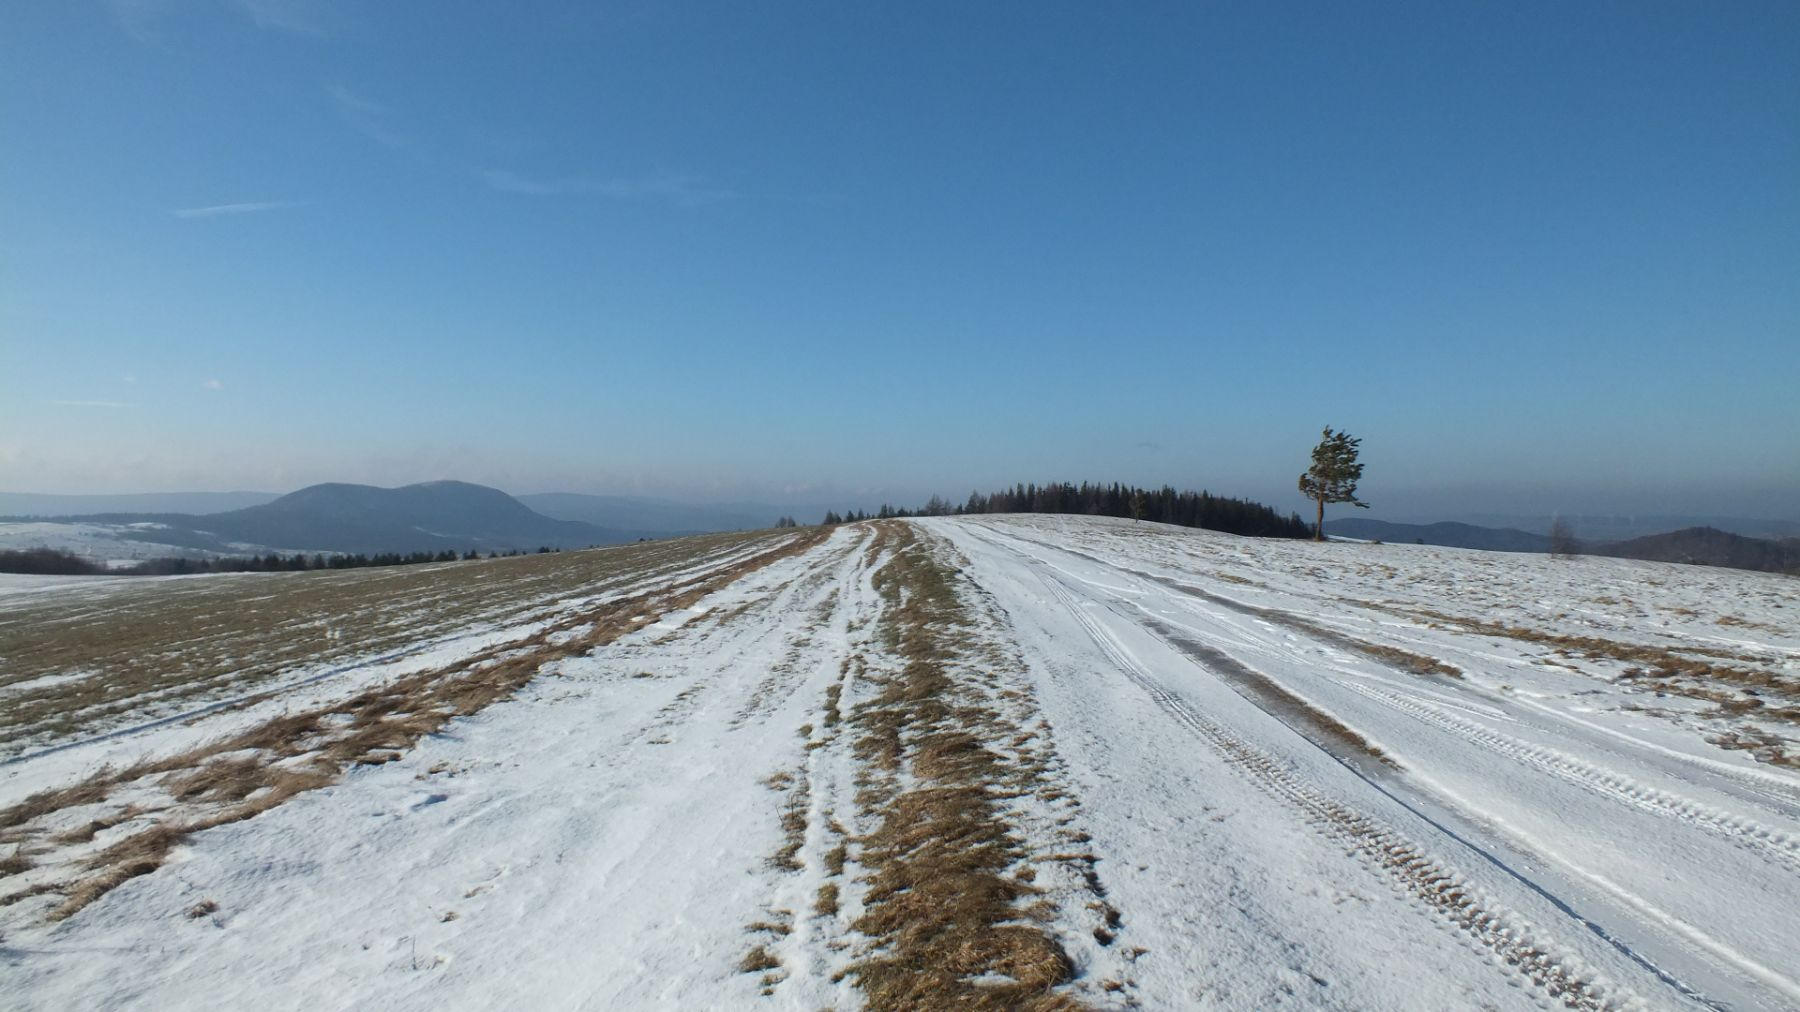 Przymiarki Zima 5